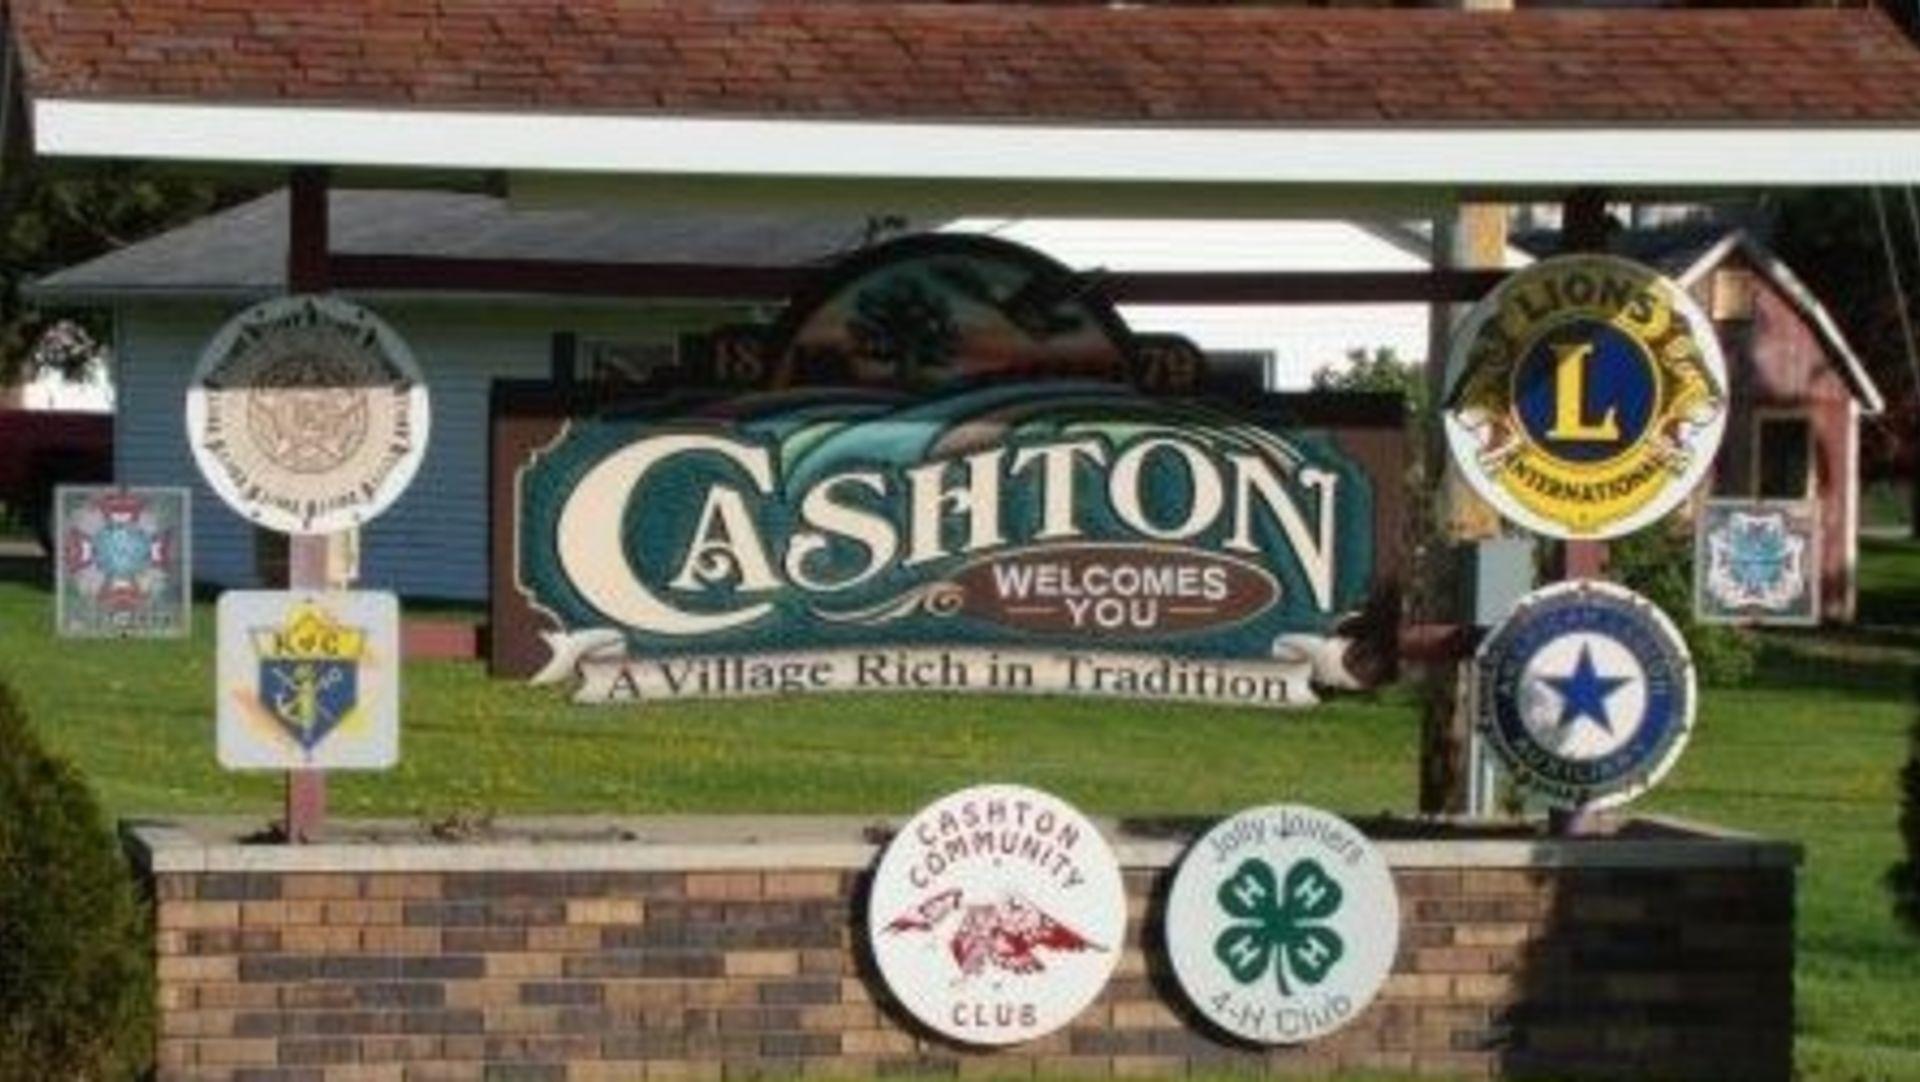 Cashton